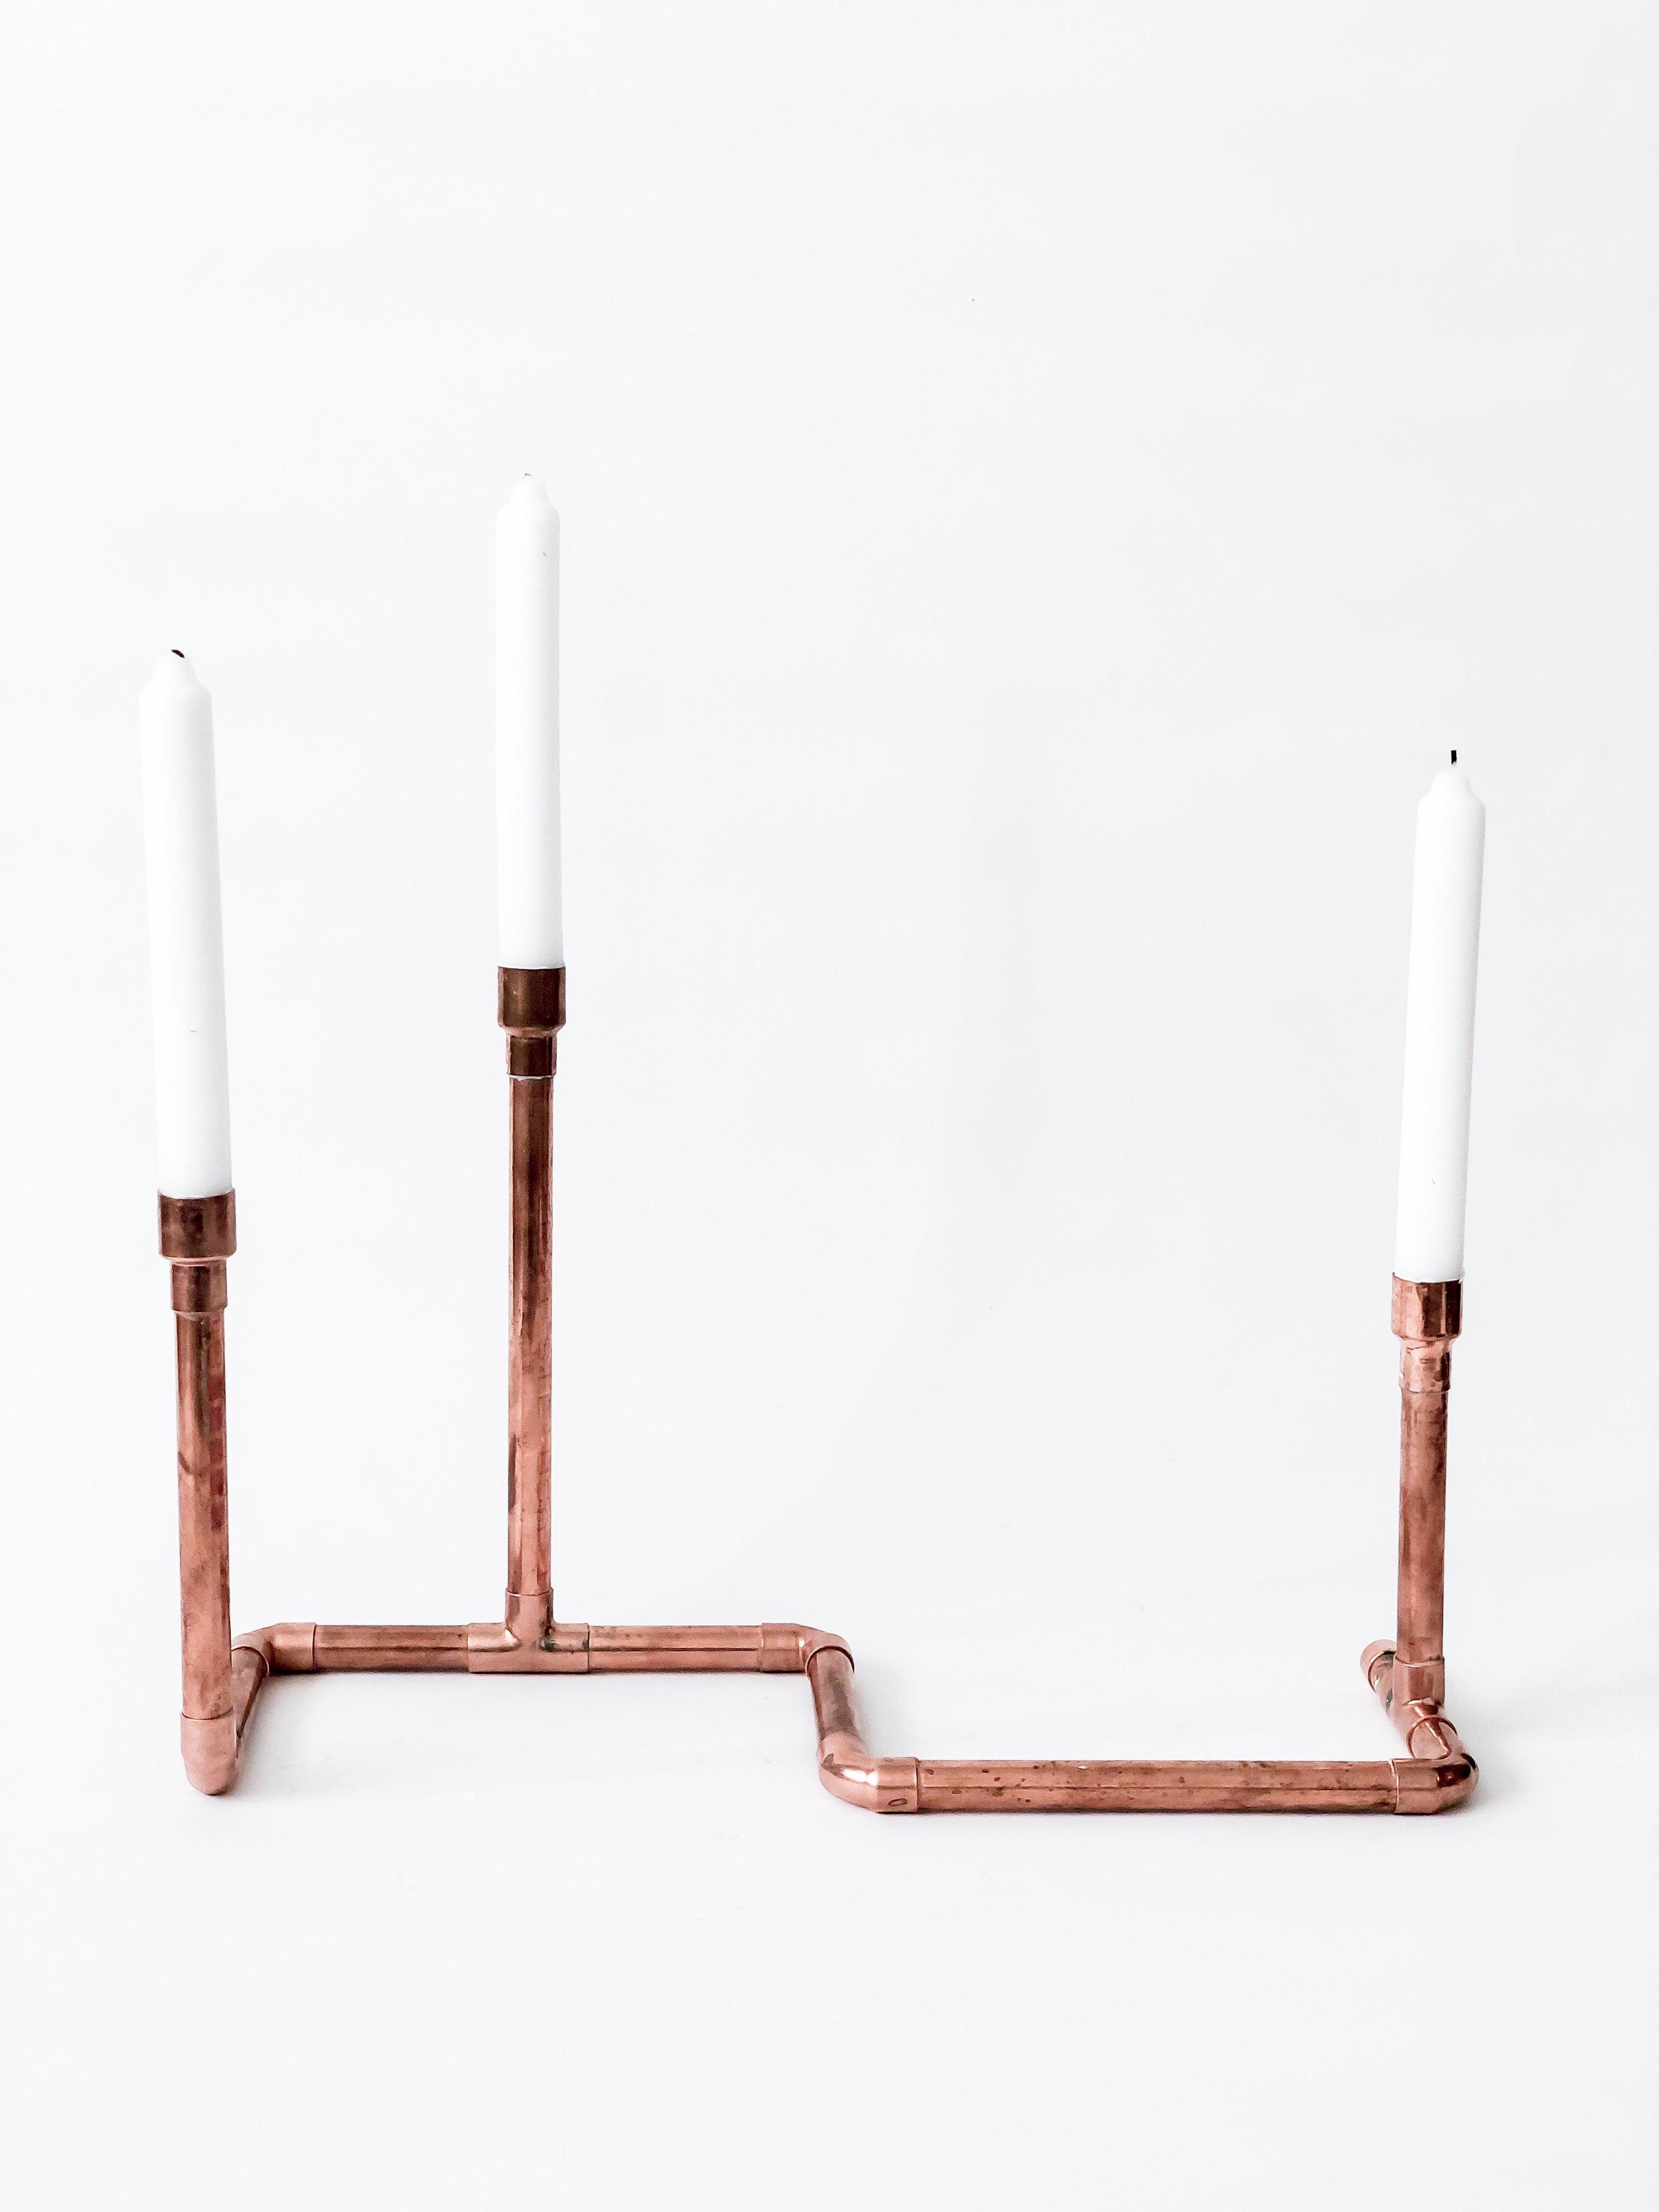 Copper Candlestick Holder / #004 / $12